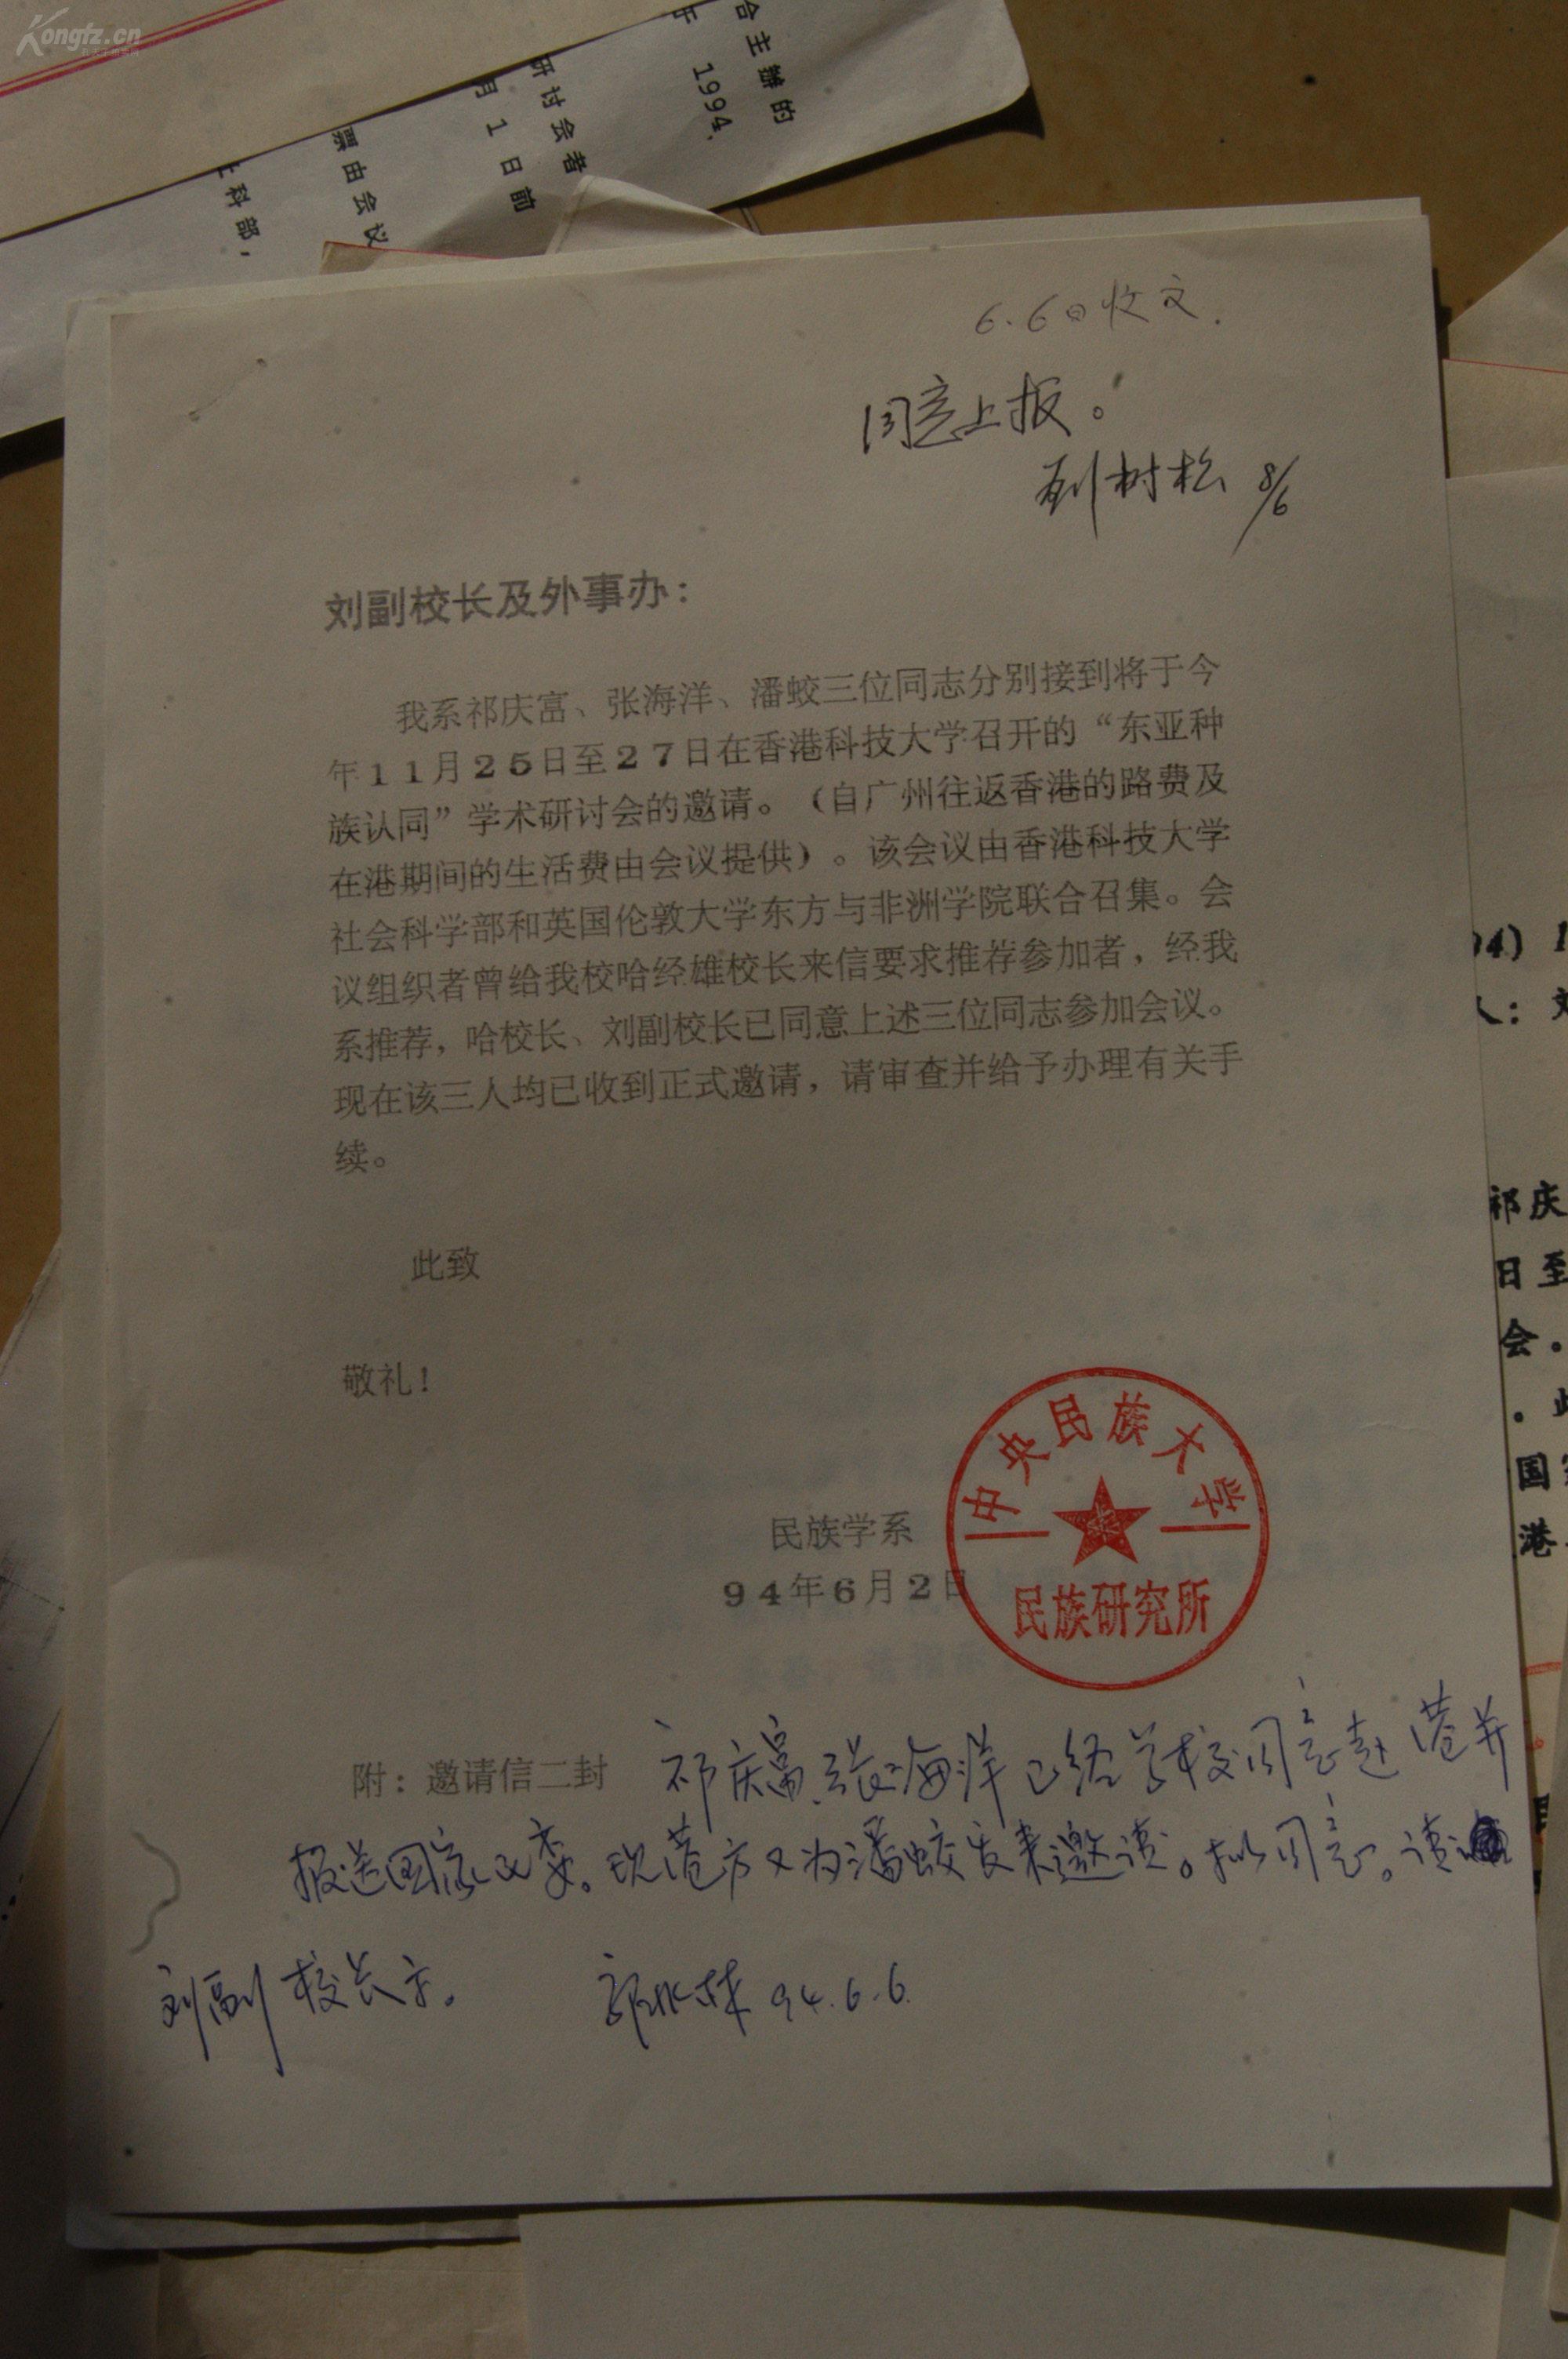 认证申请公函图片